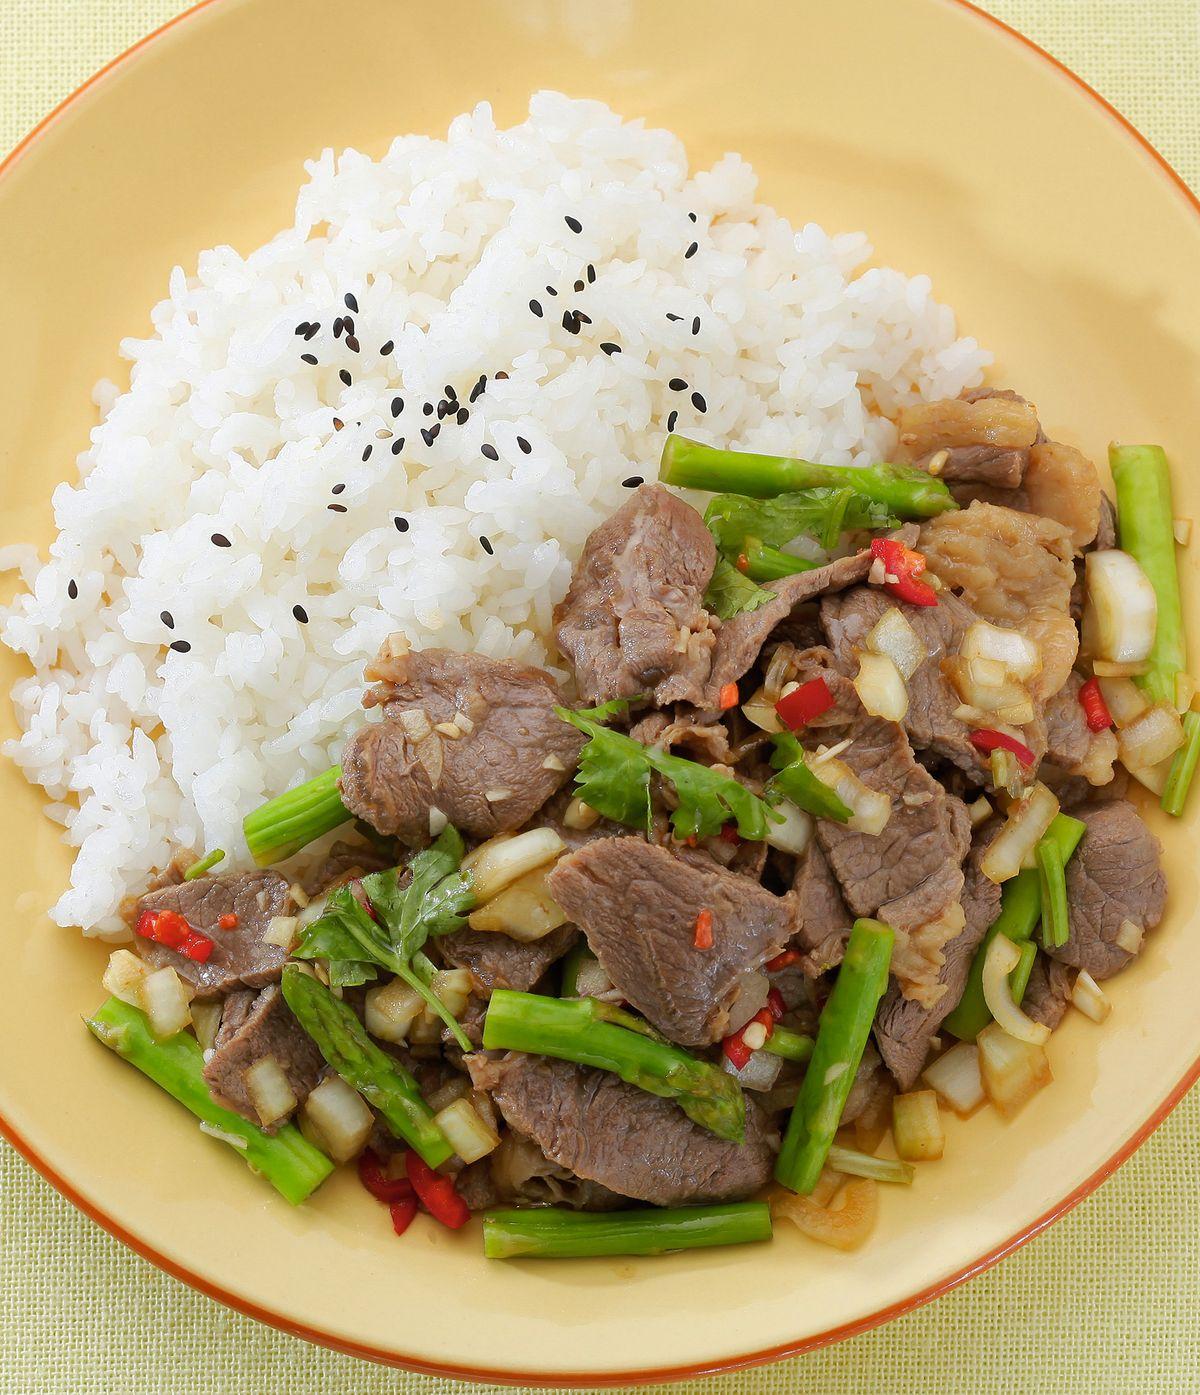 食譜:泰式牛肉拌飯